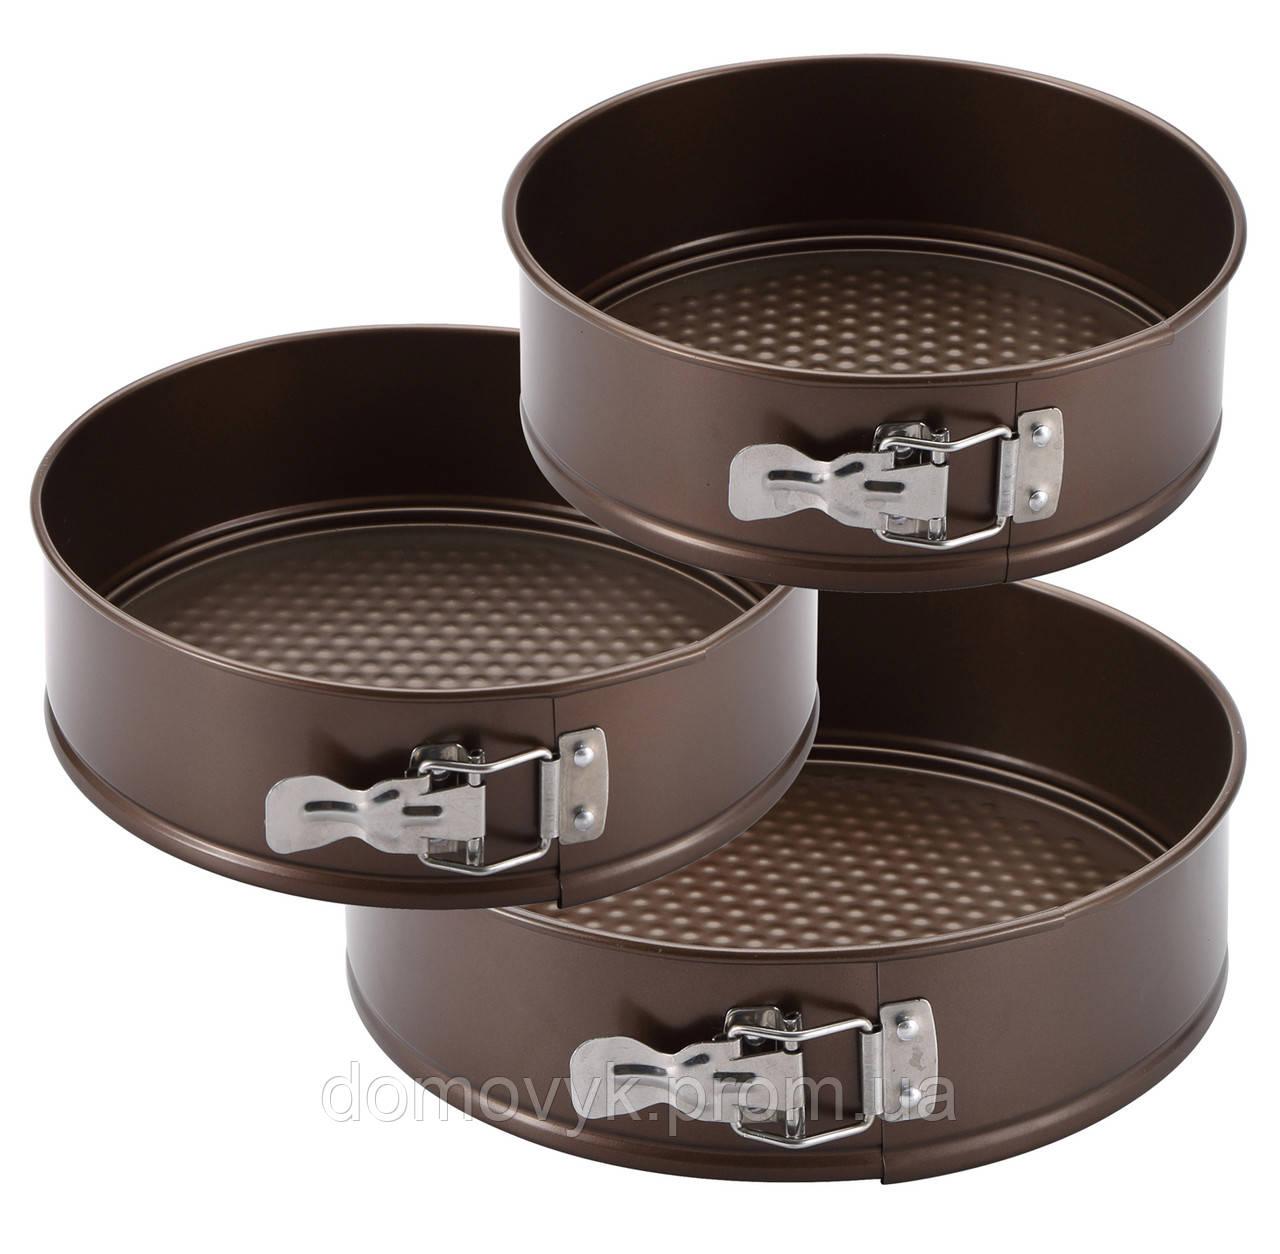 Форма для выпечки 3 пр. - Ø24 - Ø26 - Ø28 см Bergner Bake Right (BG-5537)